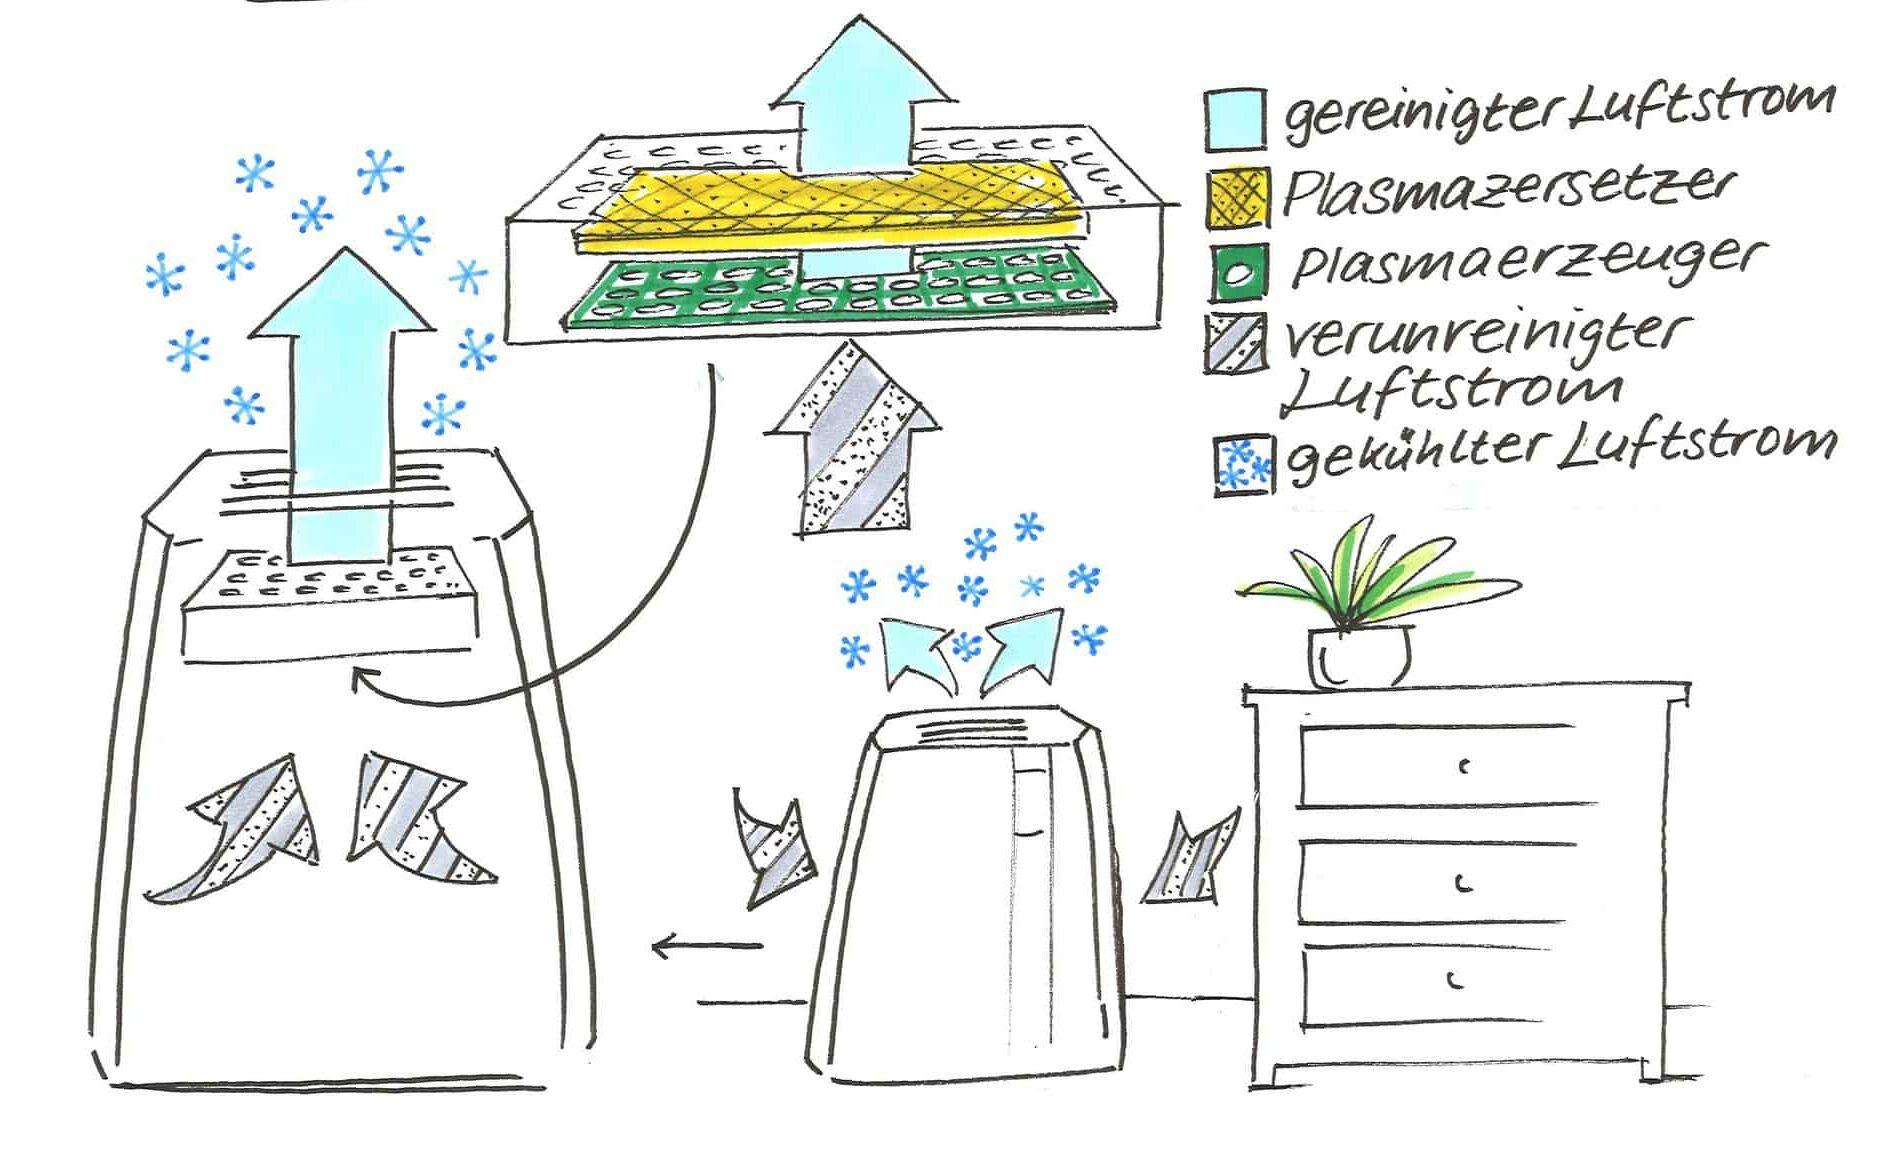 Filtermodul mit Plasmatechnologie